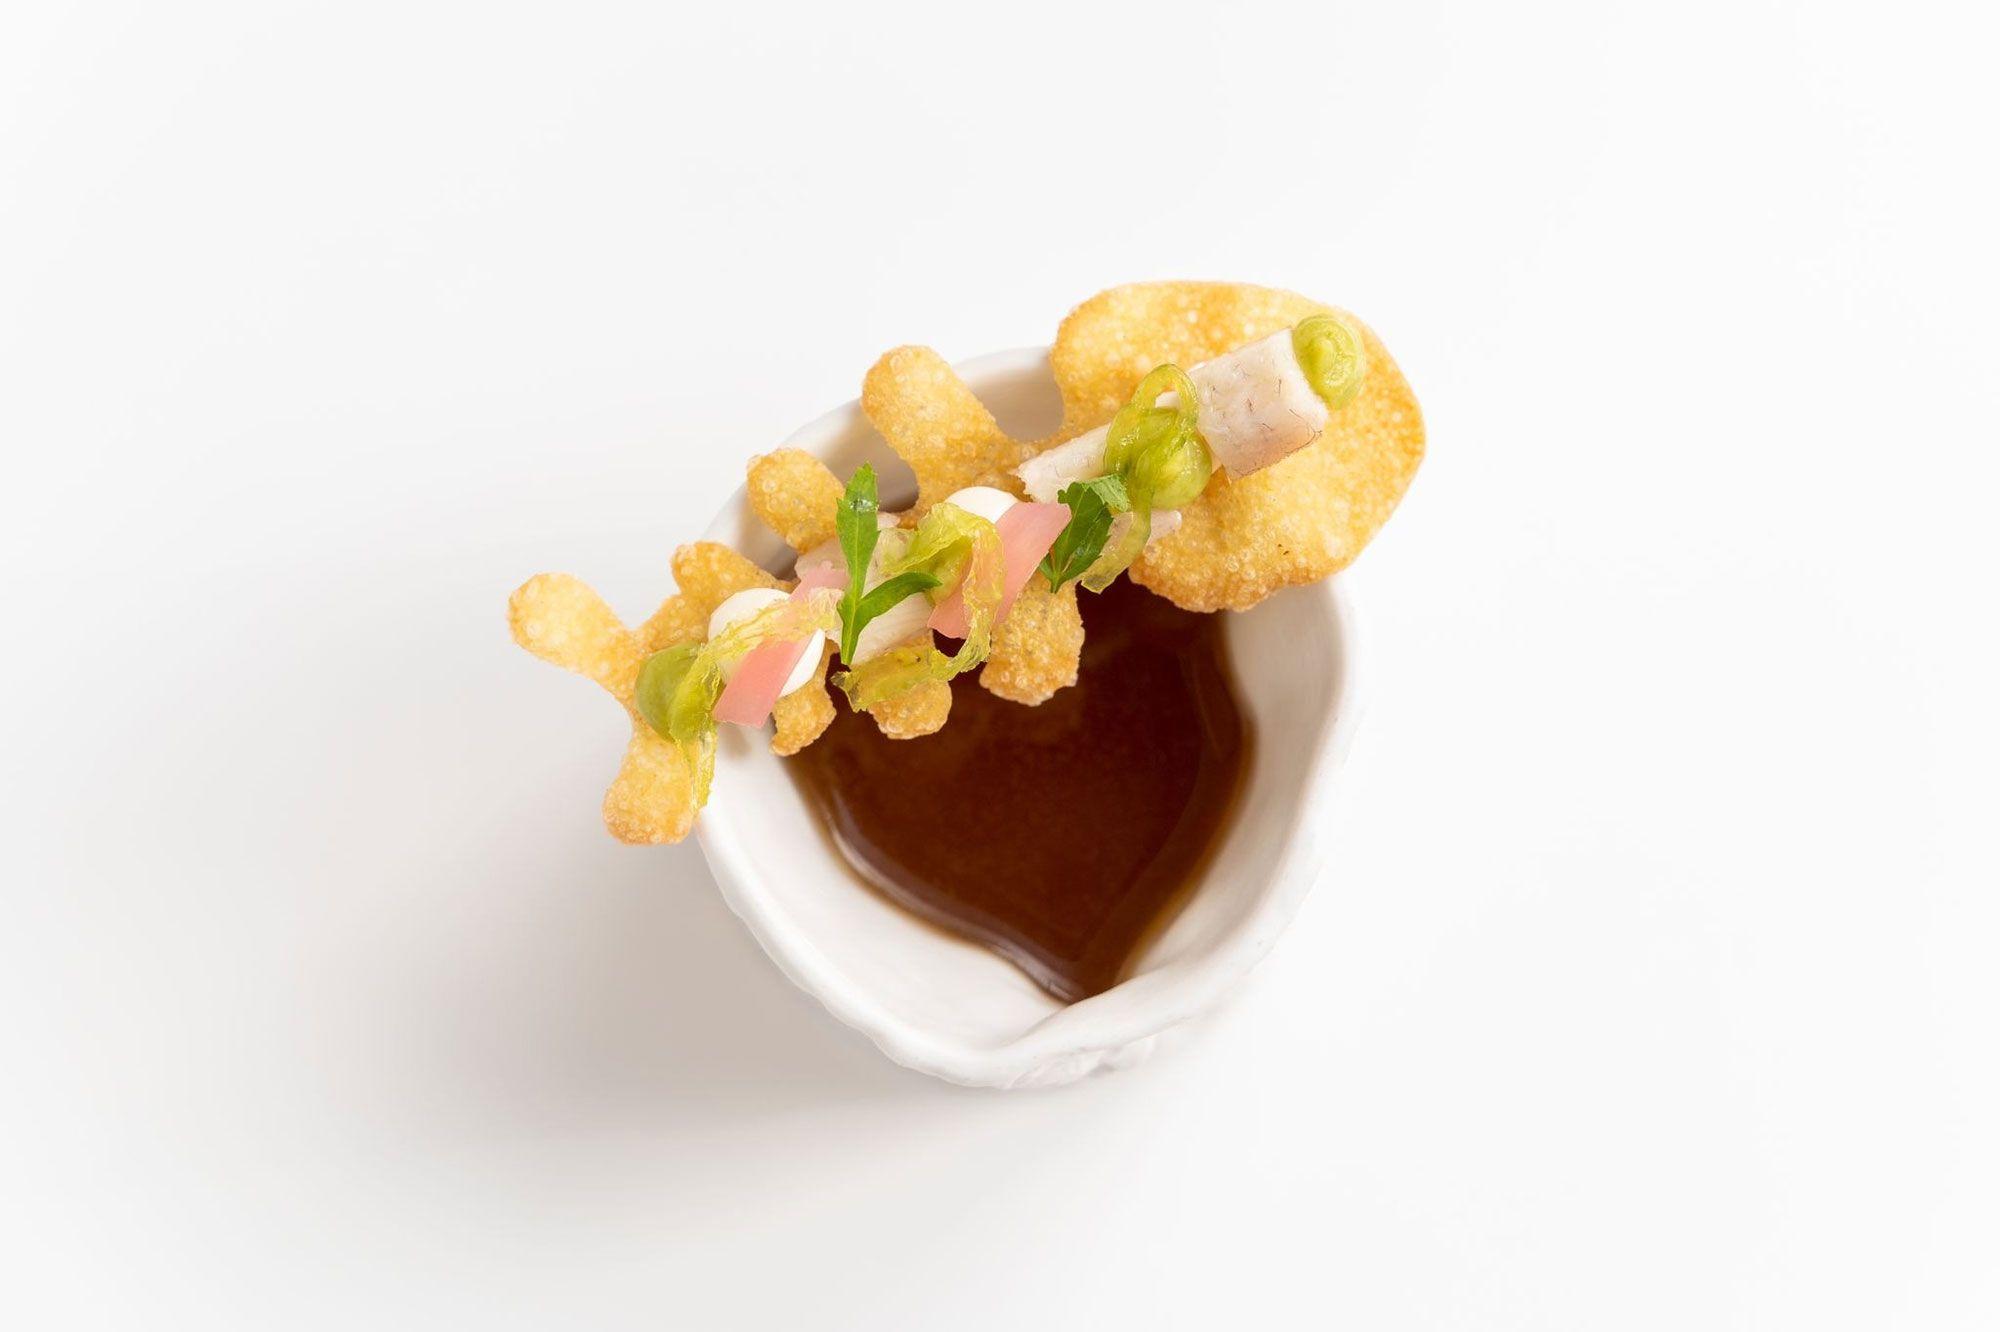 Raspa-Vainas-Pimenton-Anguila-yDashi-de-Verduras-Miniature